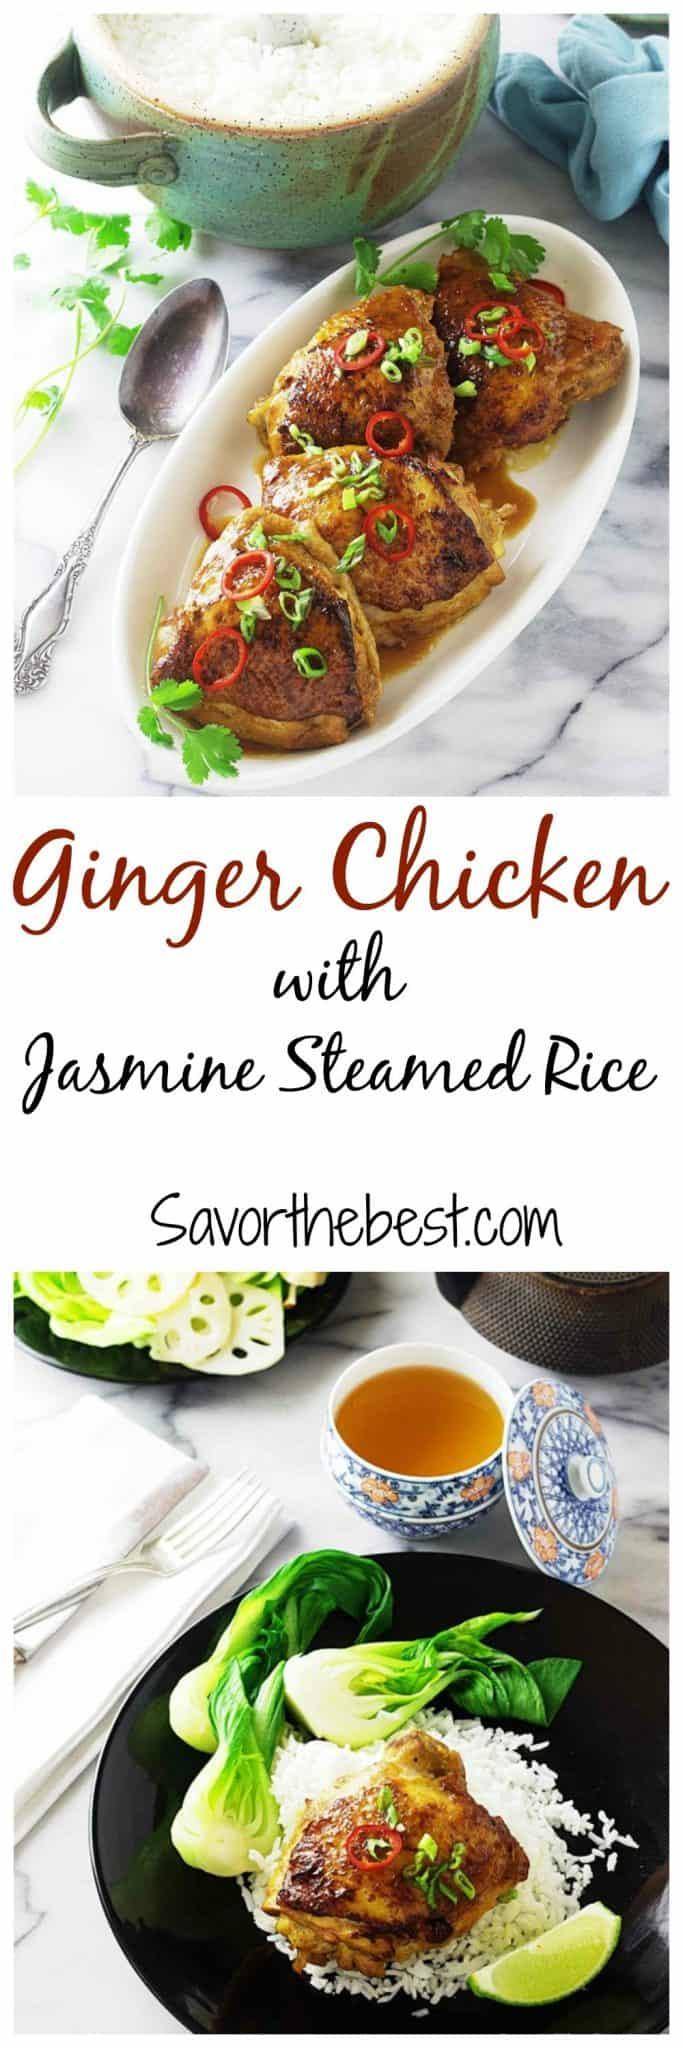 ginger chicken with jasmine steamed rice